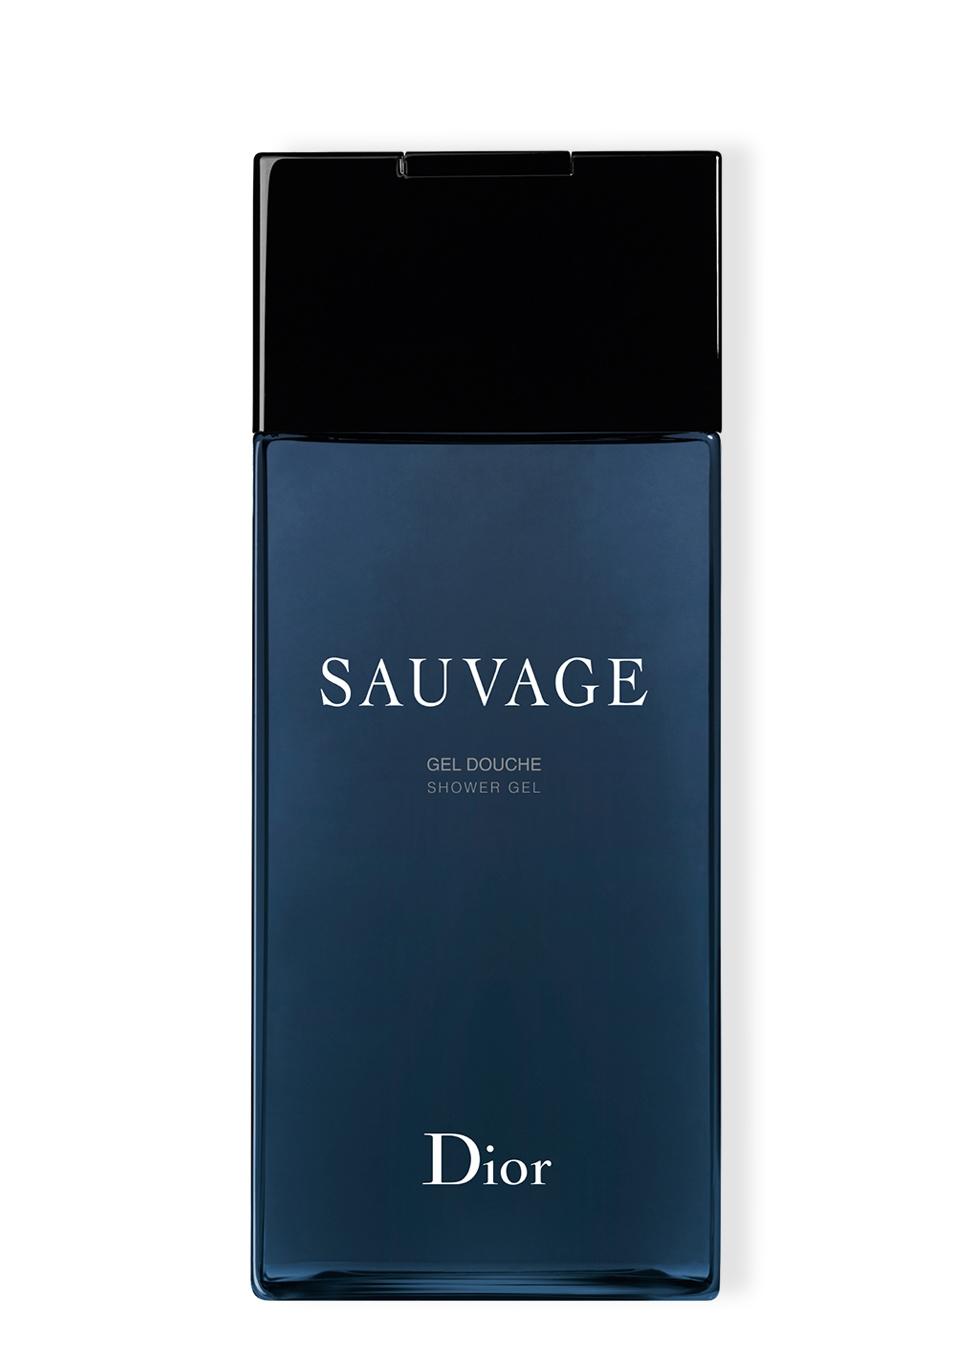 Sauvage Shower Gel 200ml - Dior